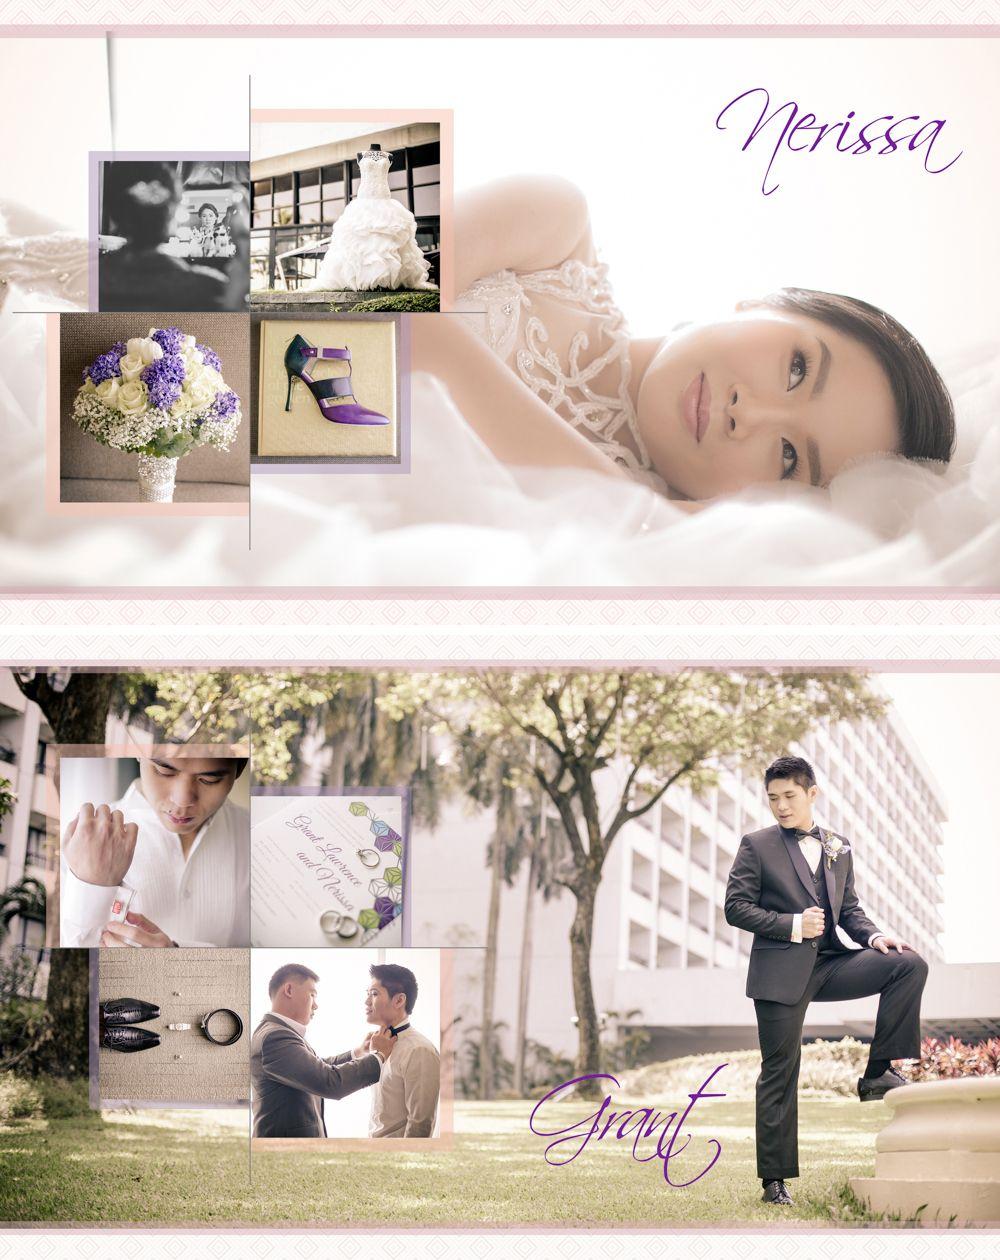 8x10 Wedding Album Layout #JustMarried #GrantAndNerissa